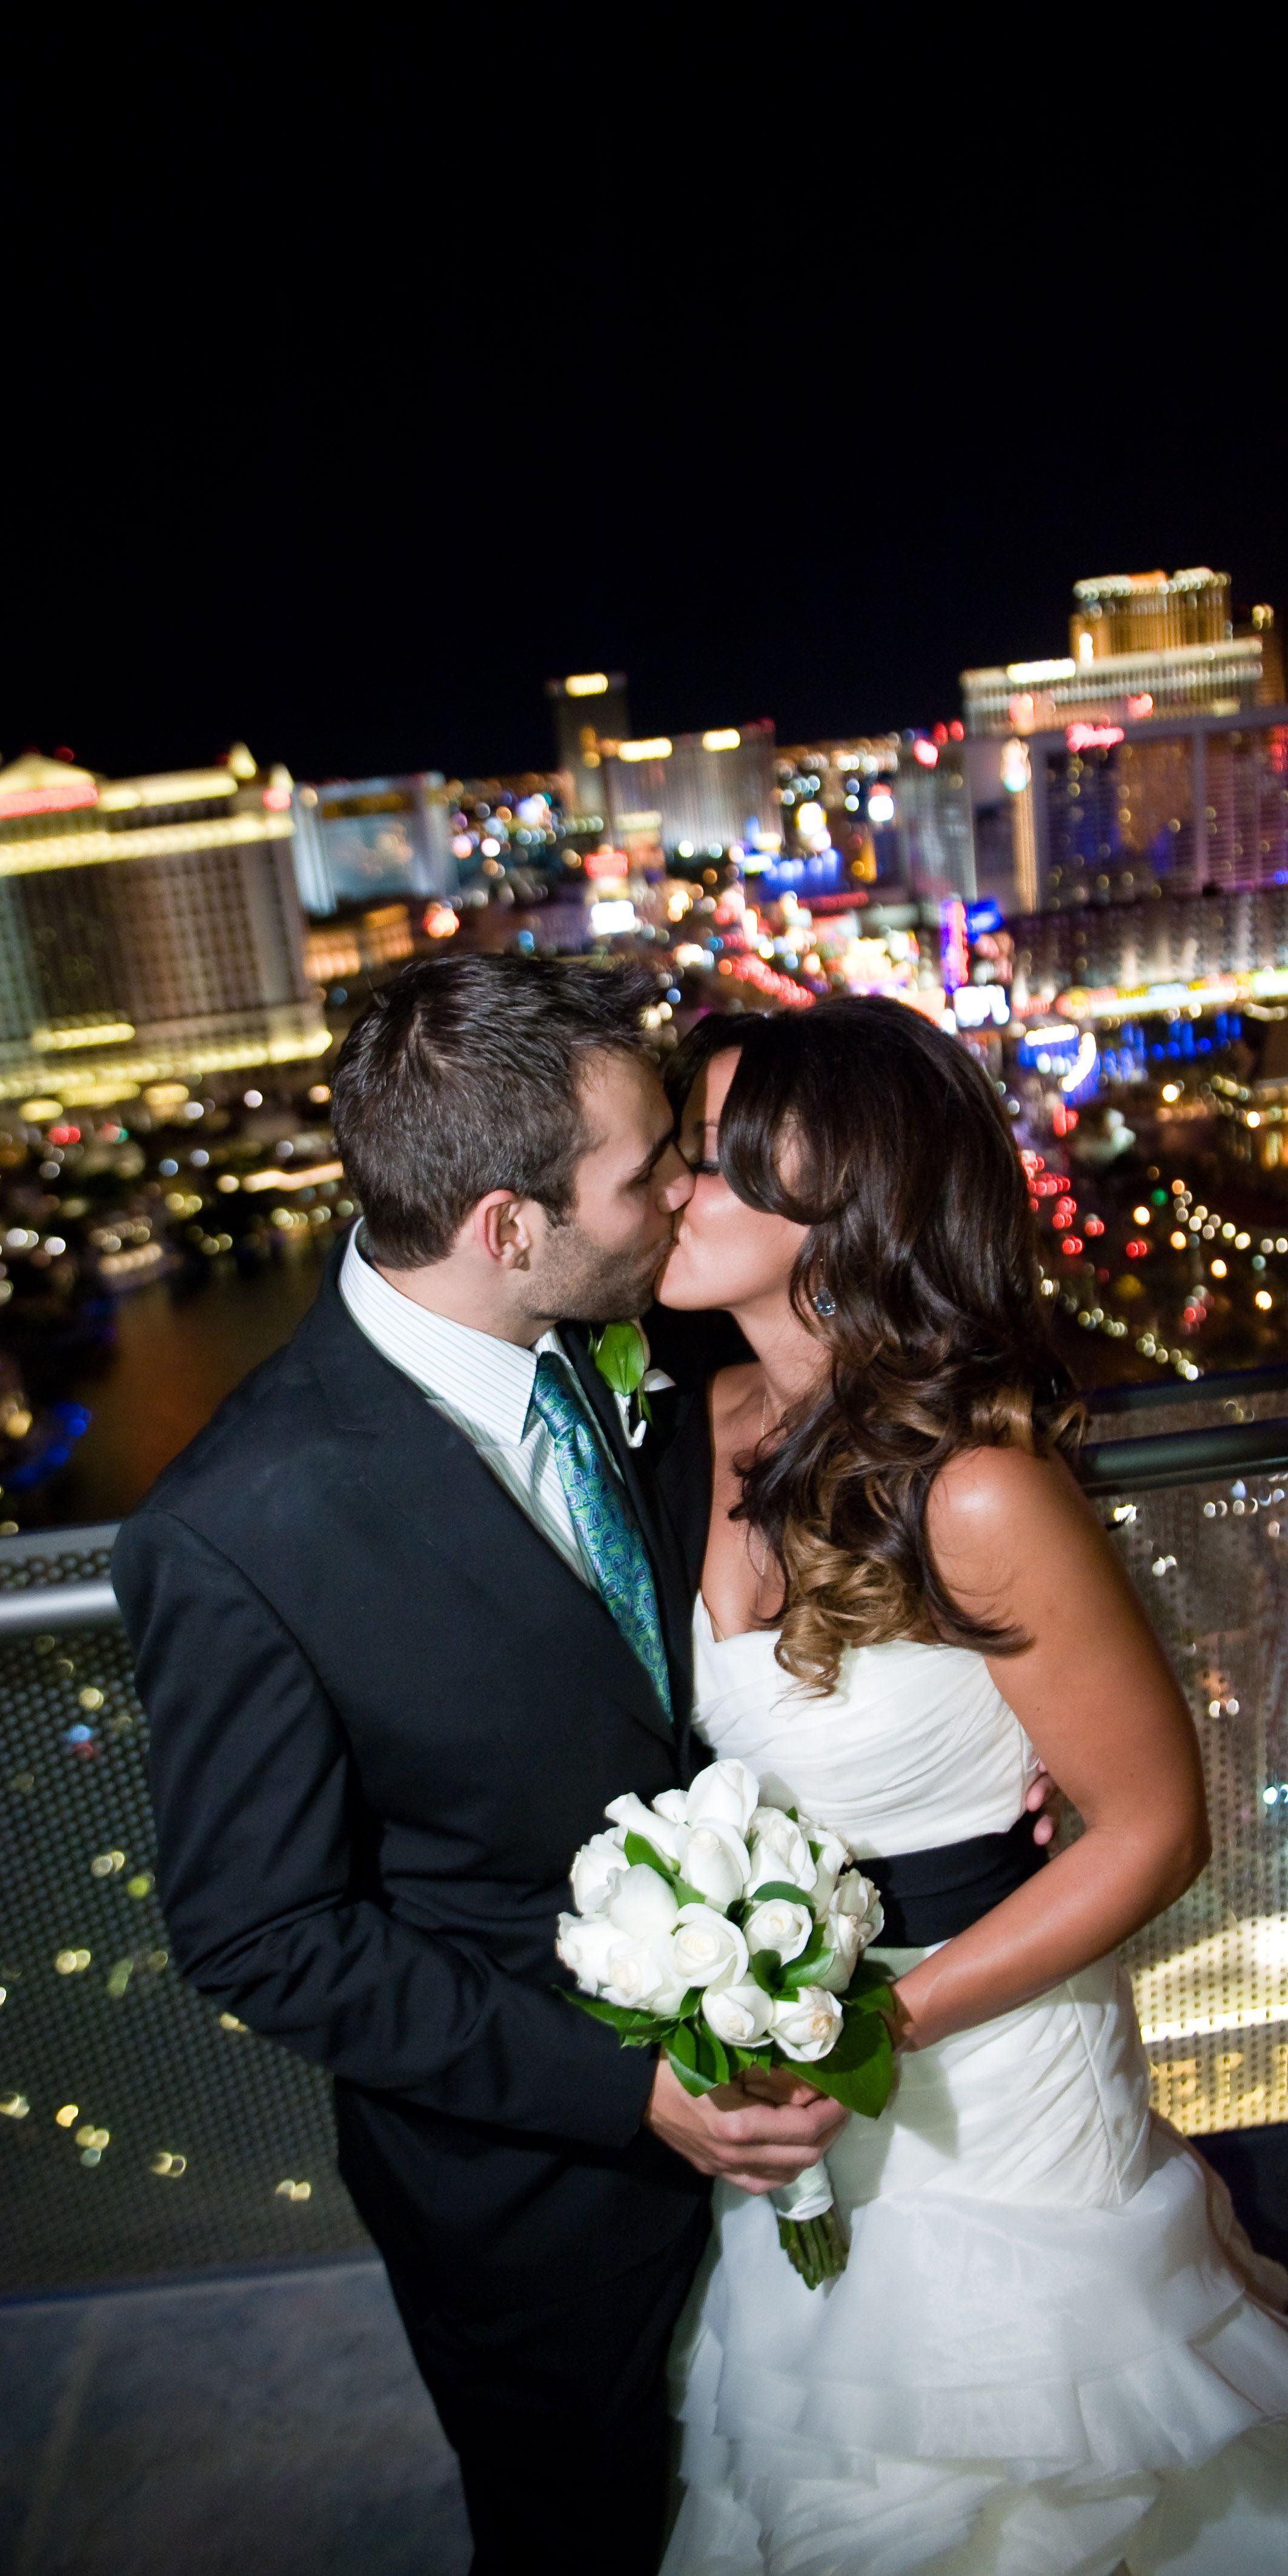 Pin by The Cosmopolitan of Las Vegas on Weddings ...